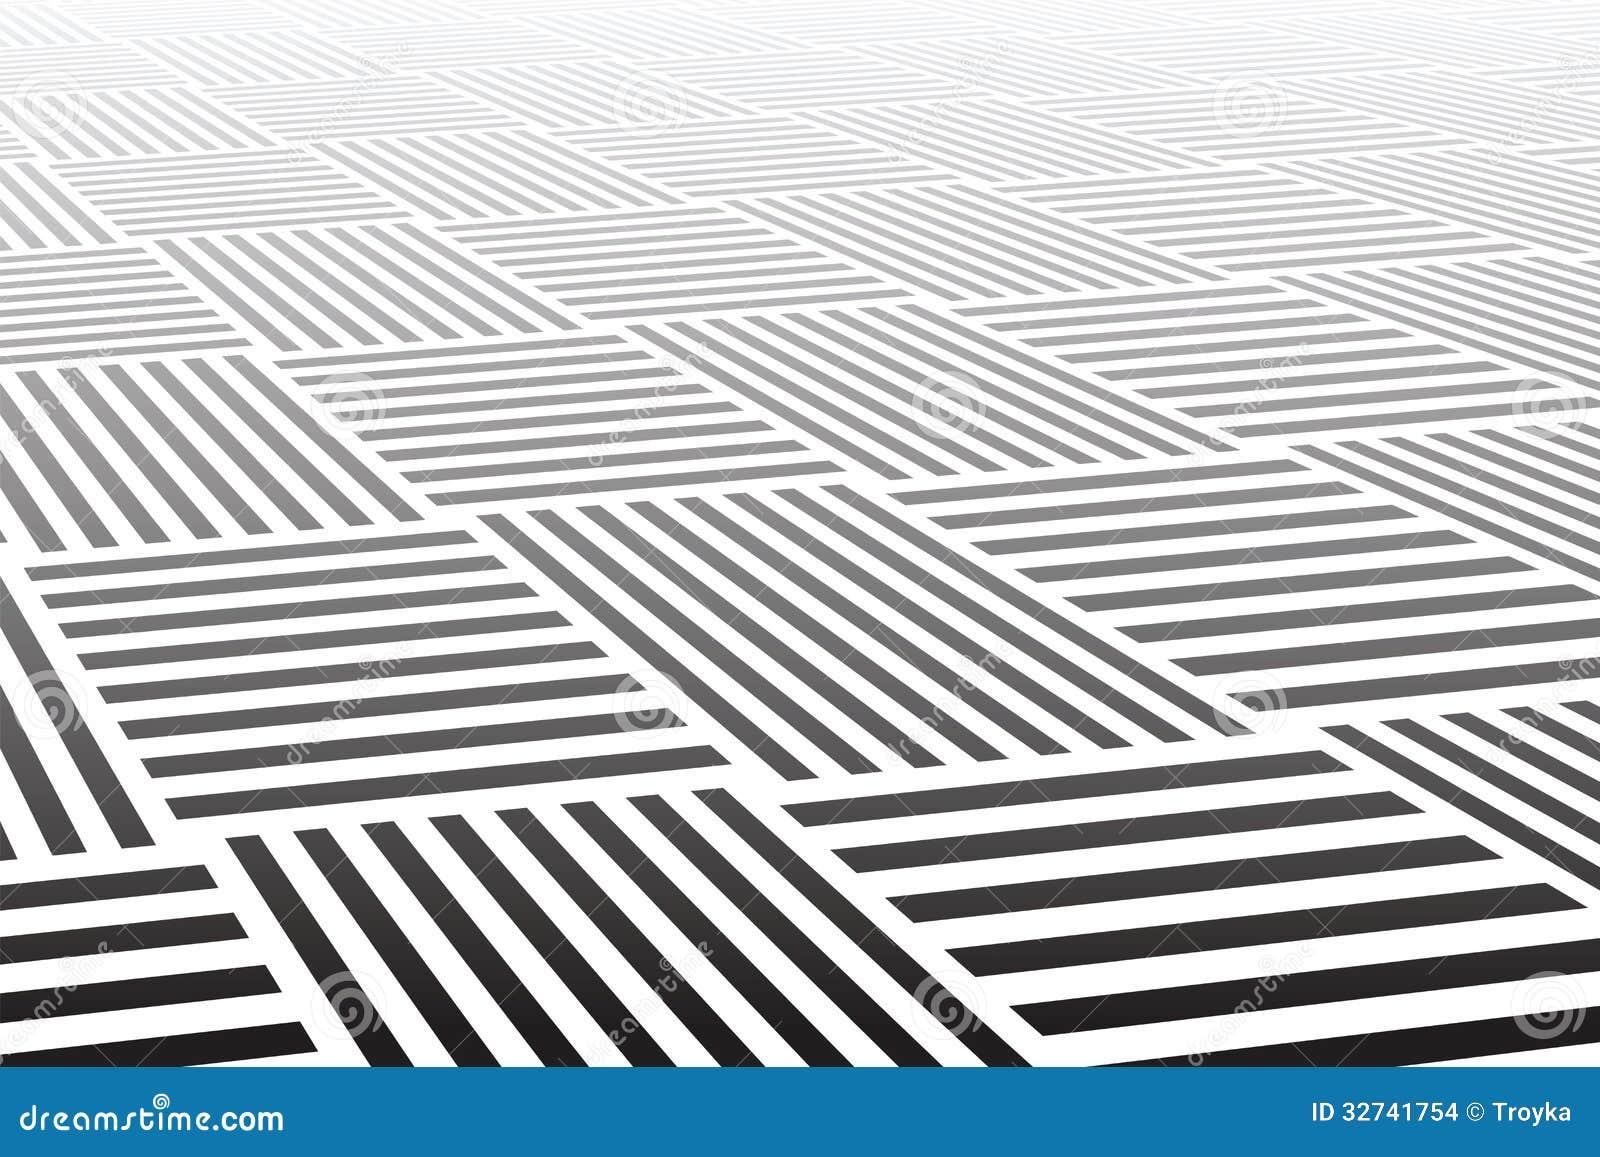 Fond texturisé géométrique abstrait.